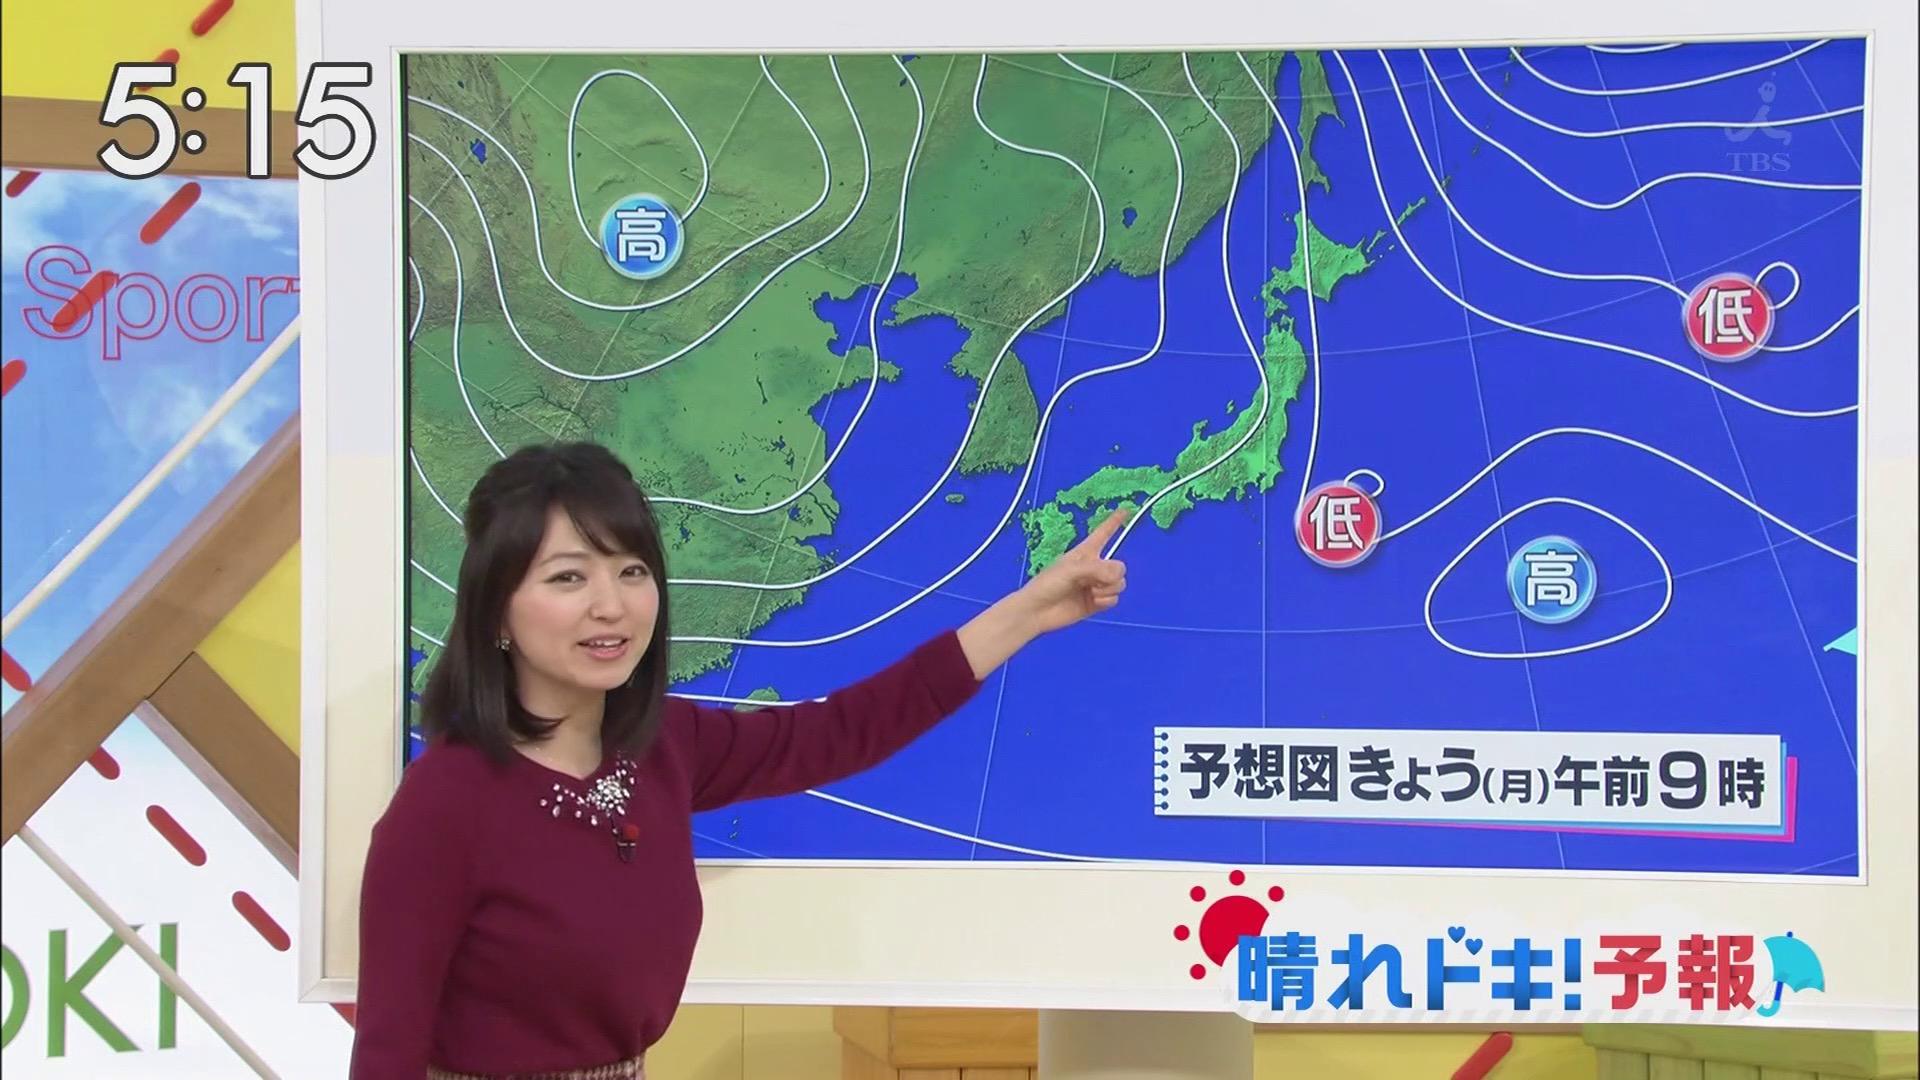 【TVエロ画像】(※GIF有)明日が雨と見逃しそうな着衣巨乳!お天気キャスター福岡良子さんの膨らみ(*´Д`)